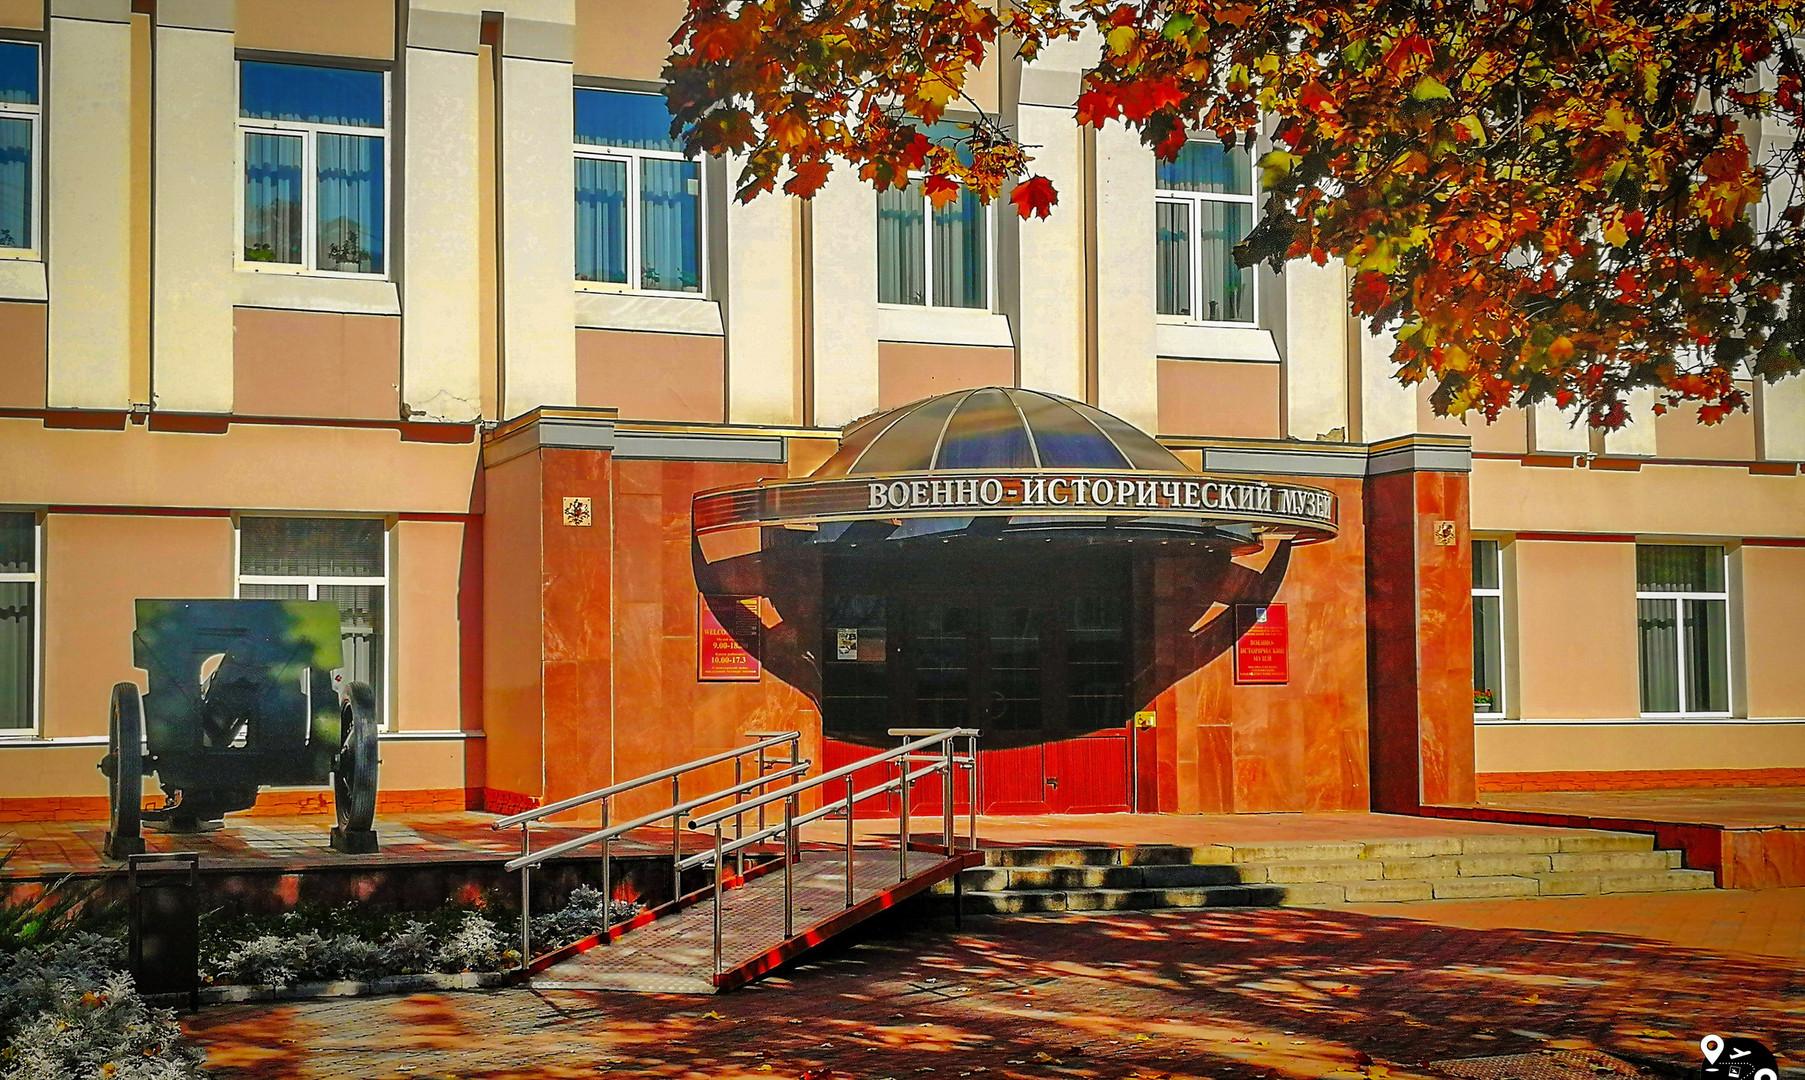 Военно-исторический музей, Орёл